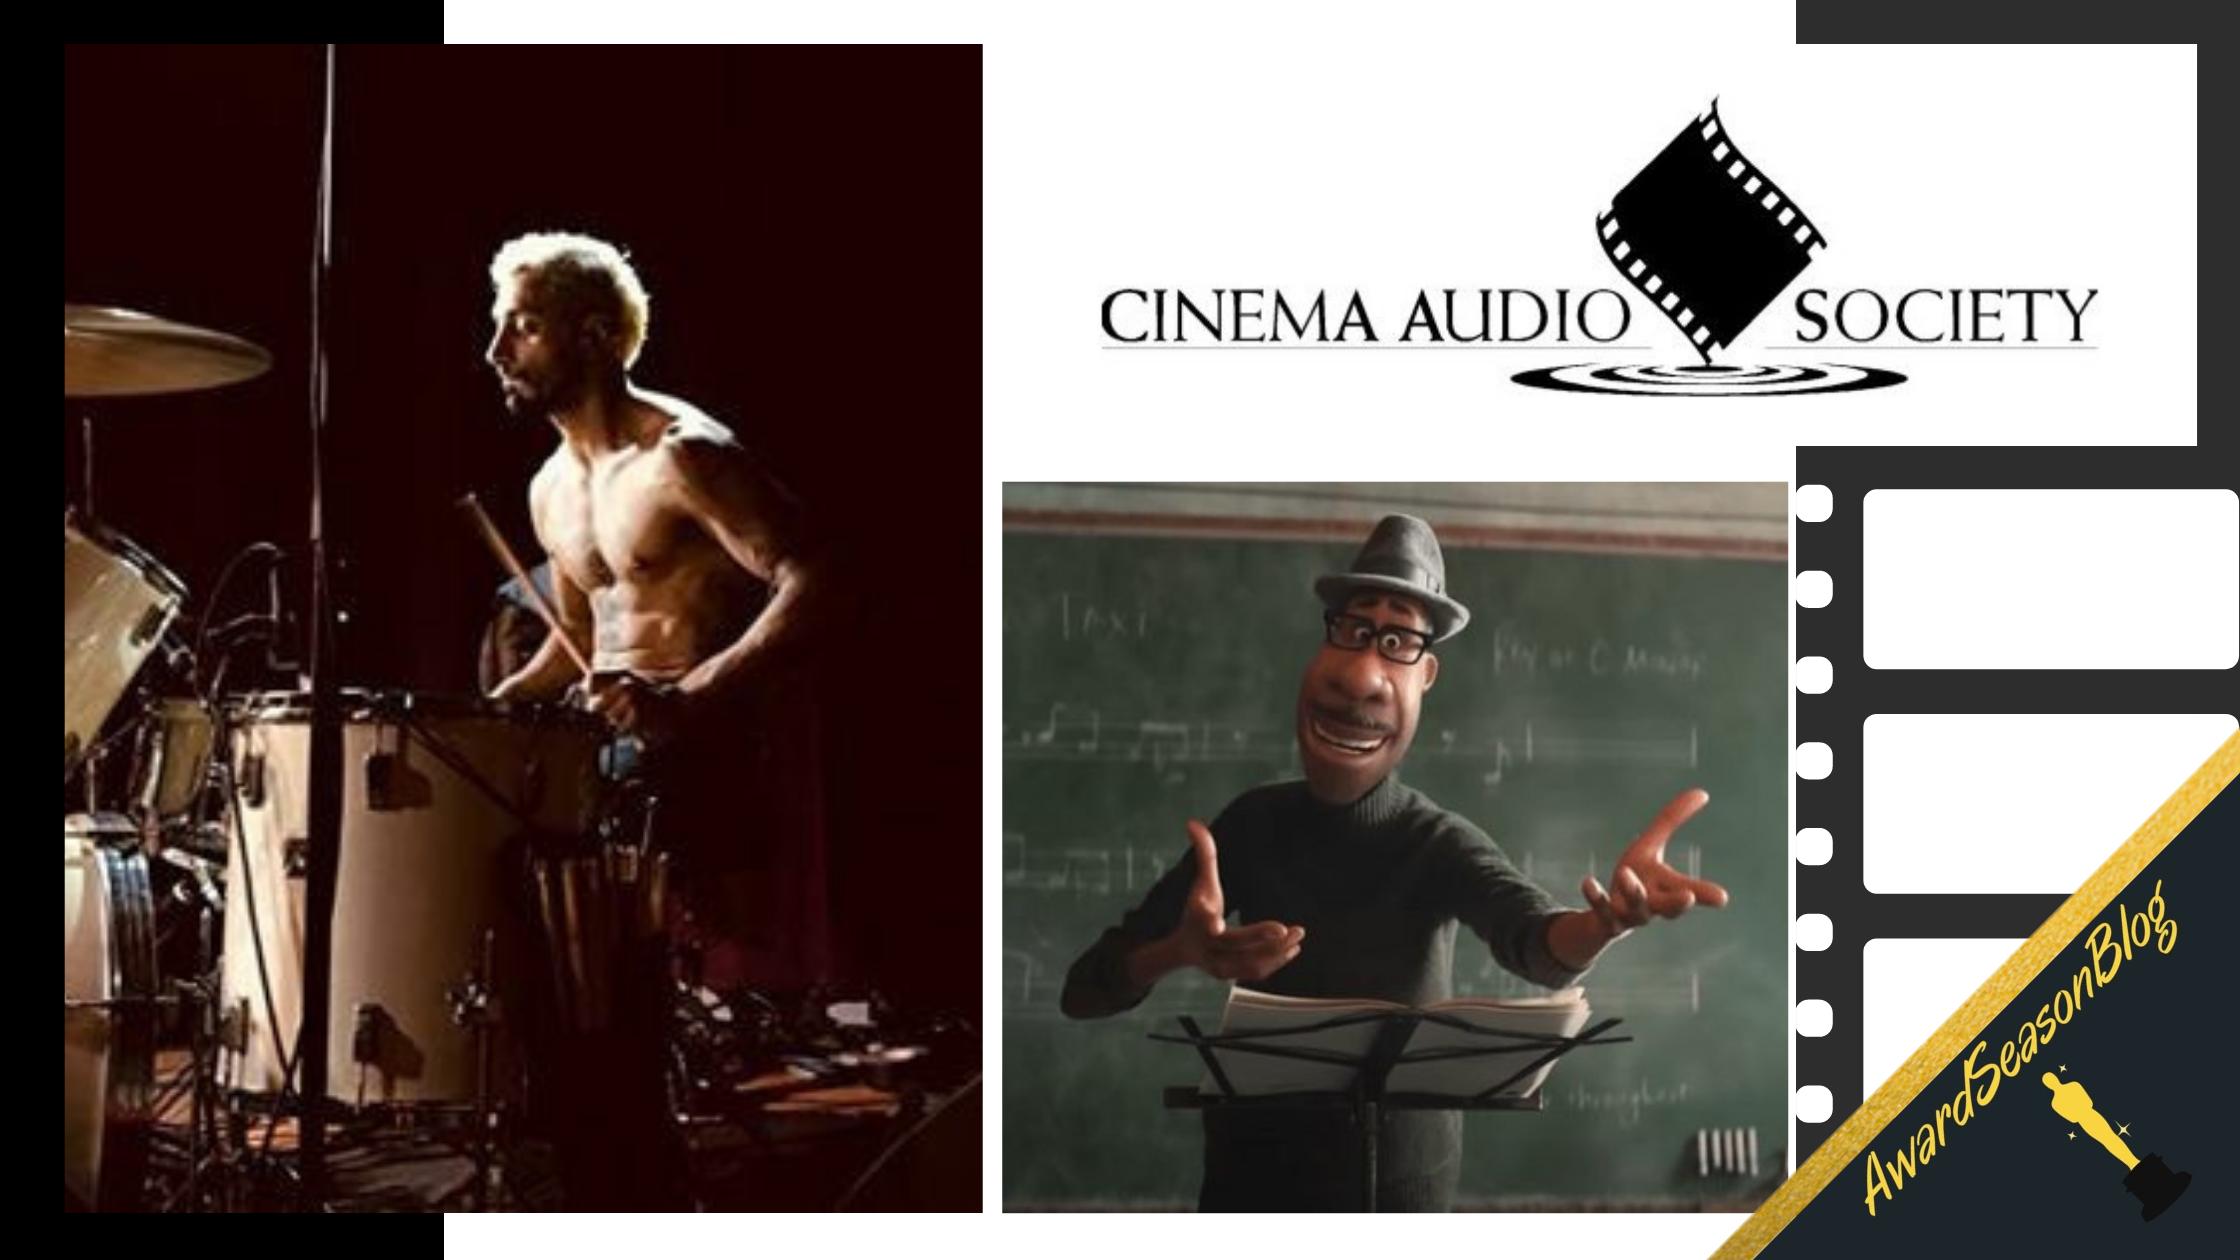 Cinema Audio Society Awards: Sound of Metal e Soul premiati per il miglior sonoro